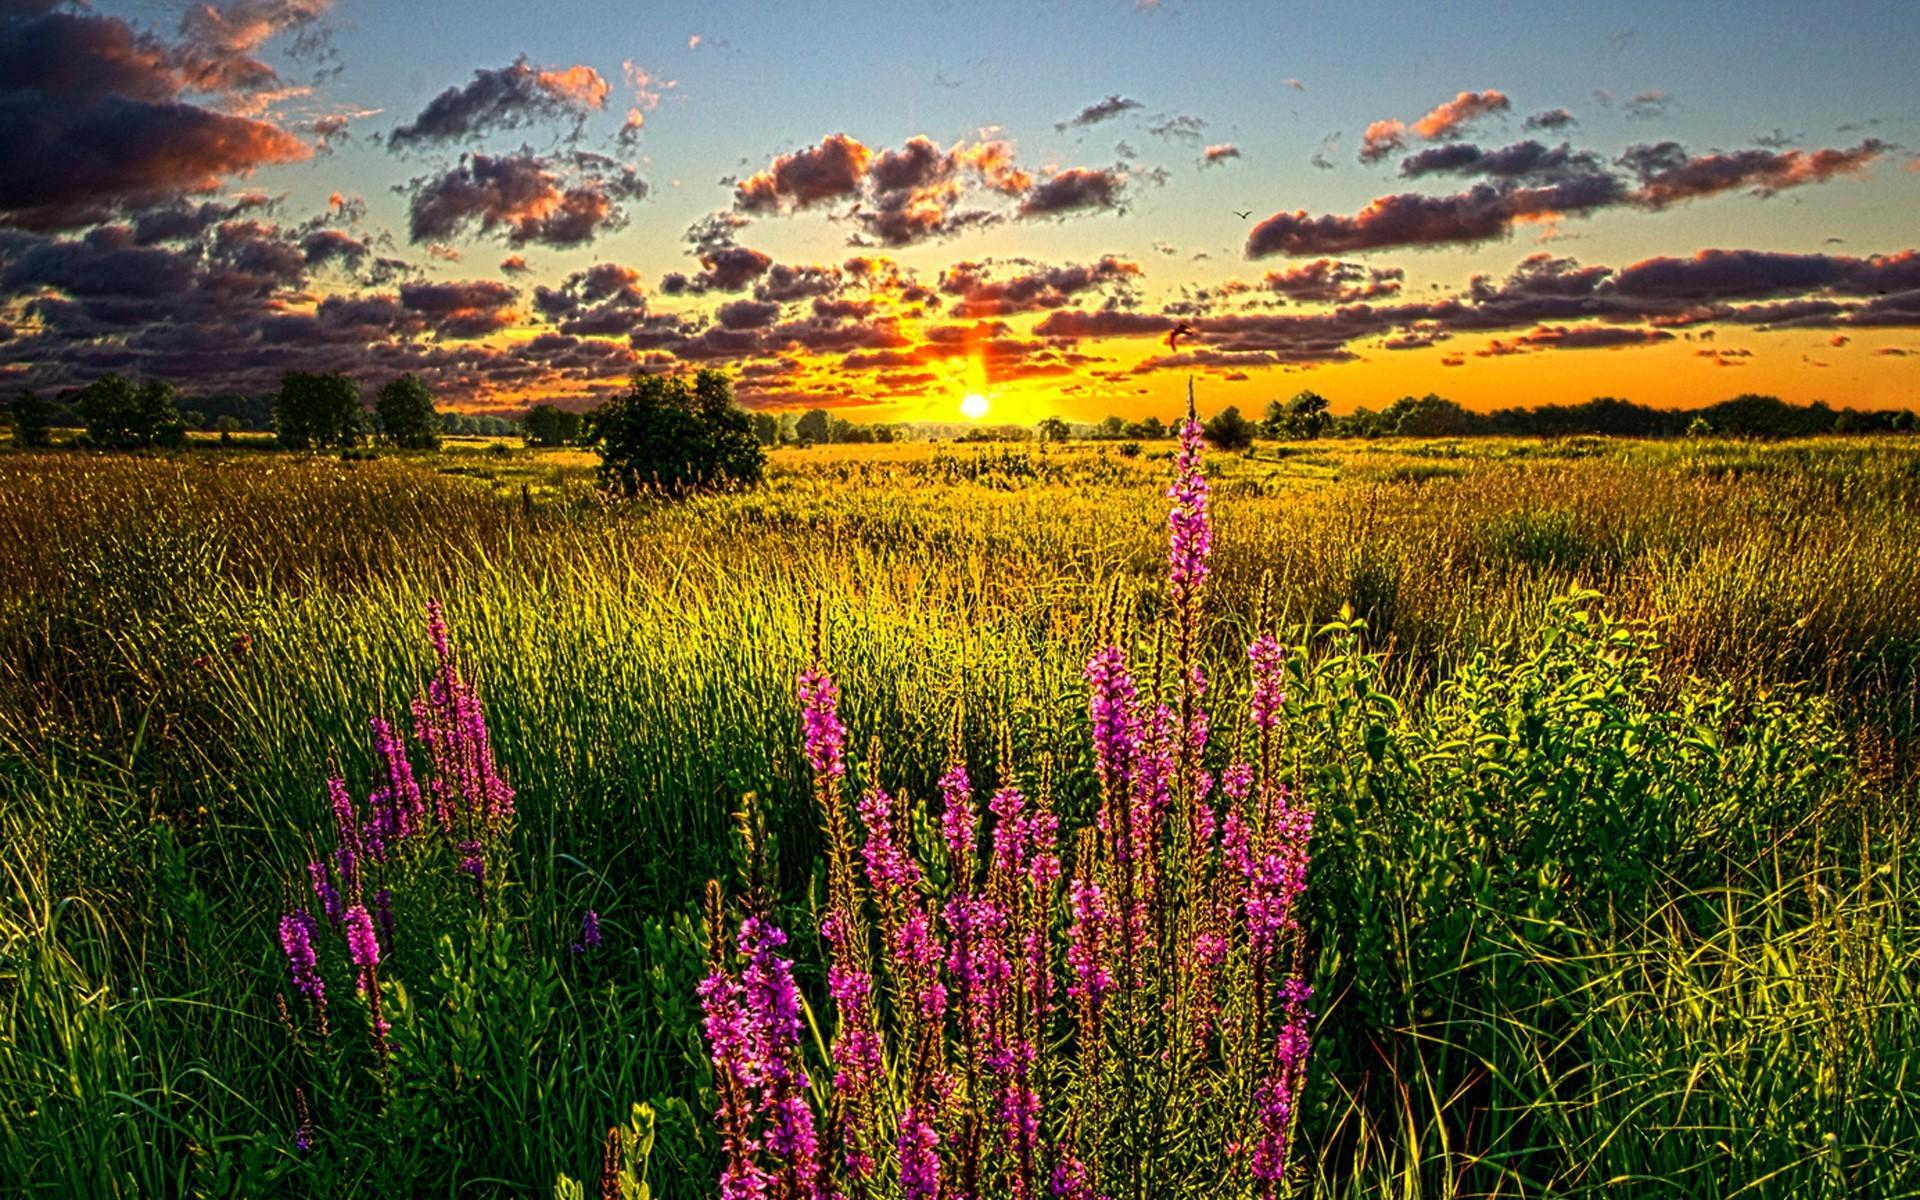 #summer #sunsets #solar